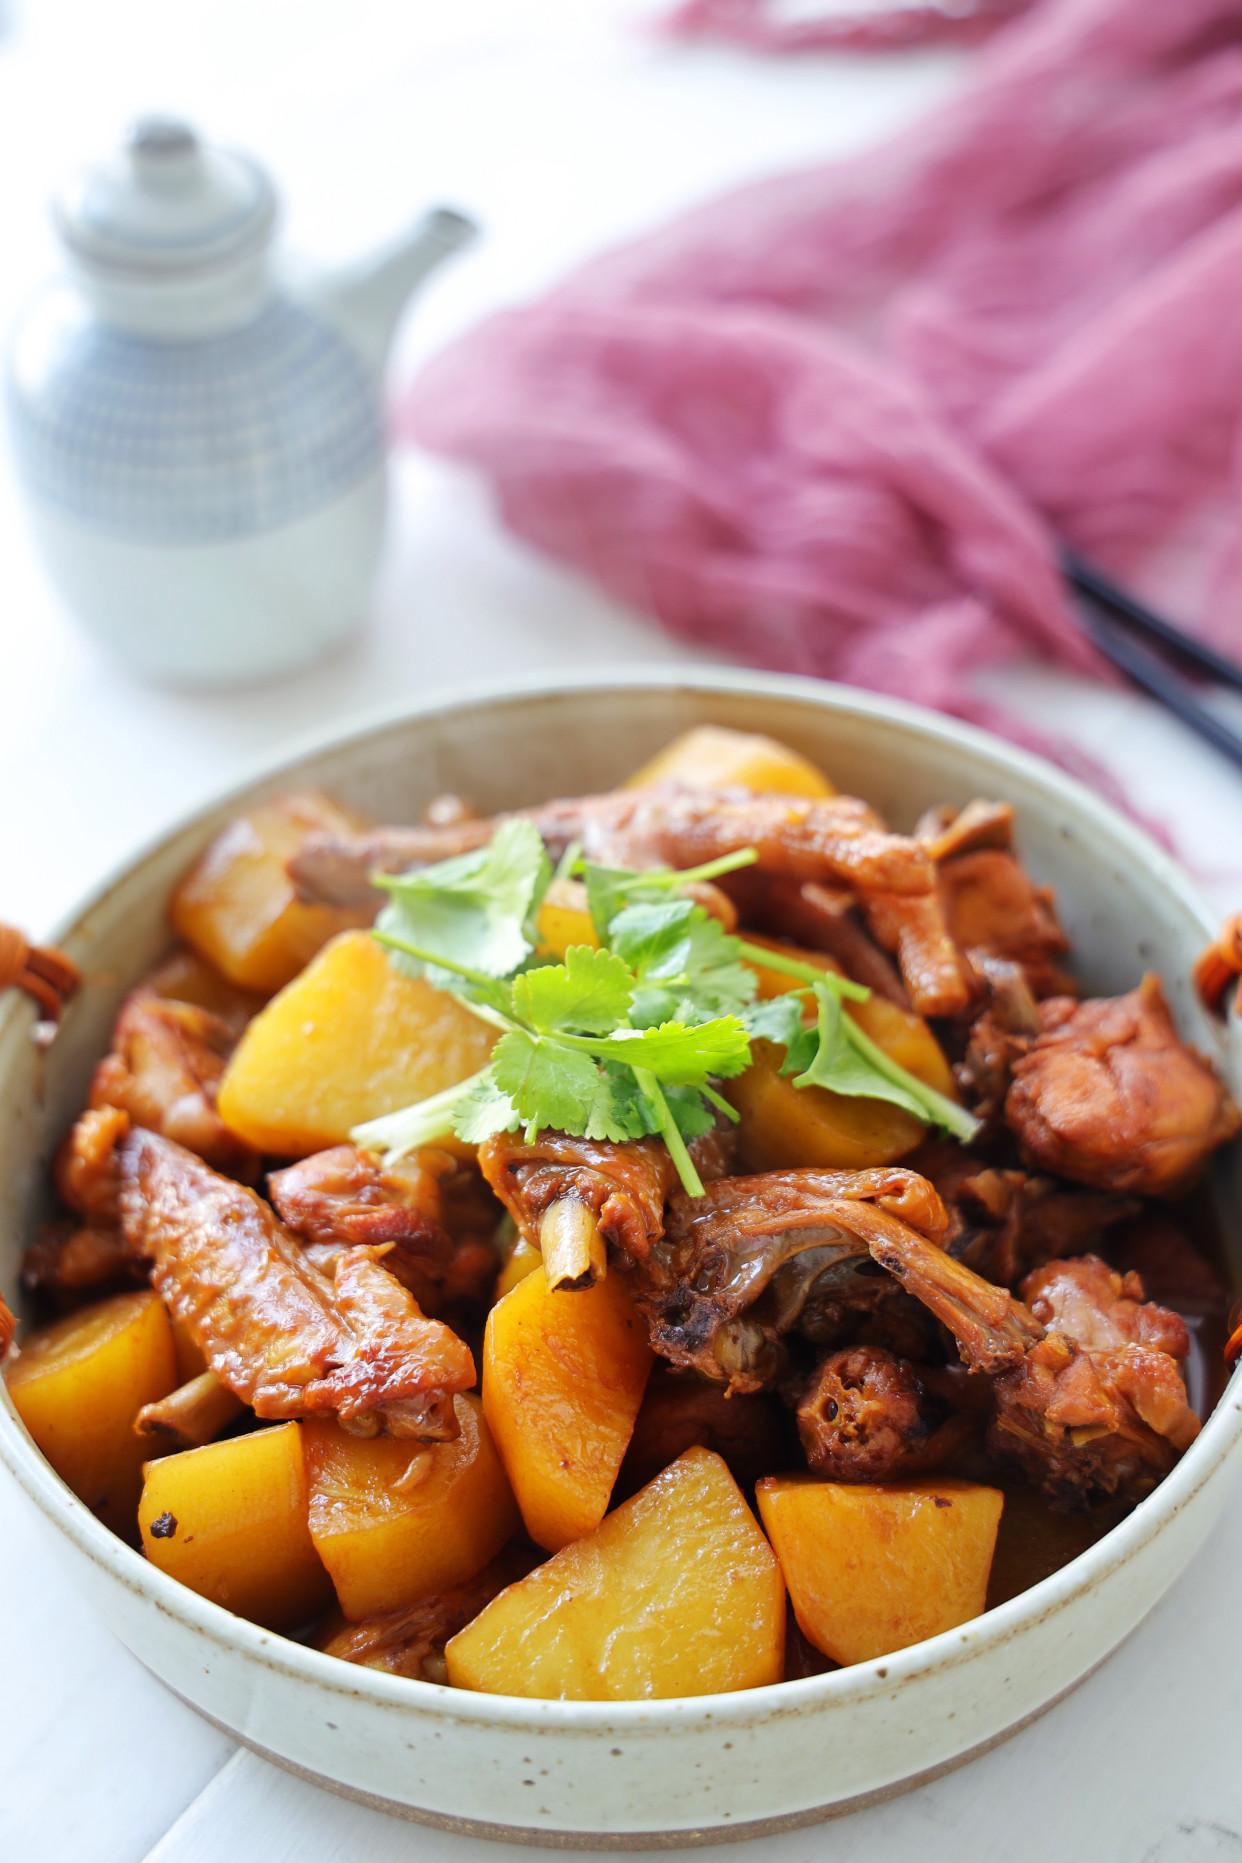 小寒快到了,比羊肉便宜,比猪肉营养,简单炖一锅,滋补又暖身